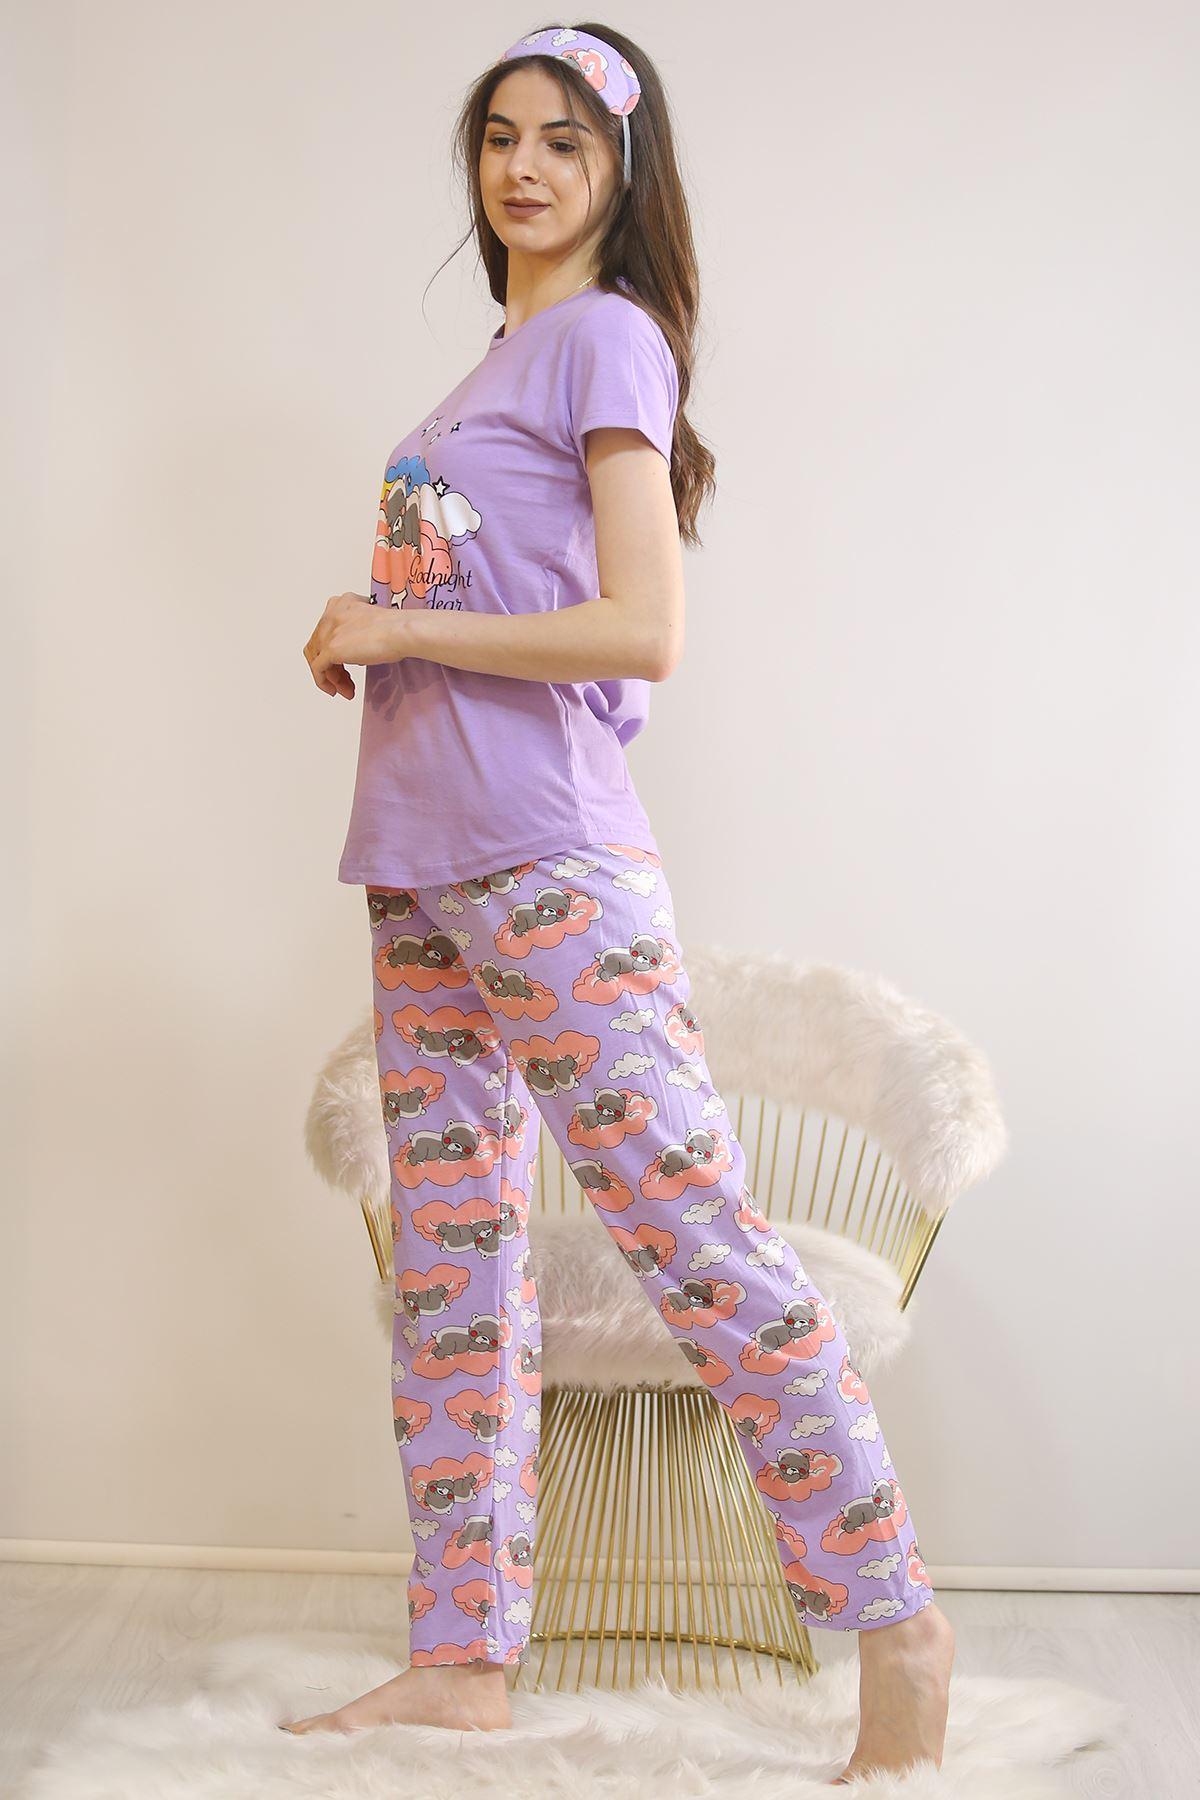 Baskılı Pijama Takımı Lila - 21442.1059.